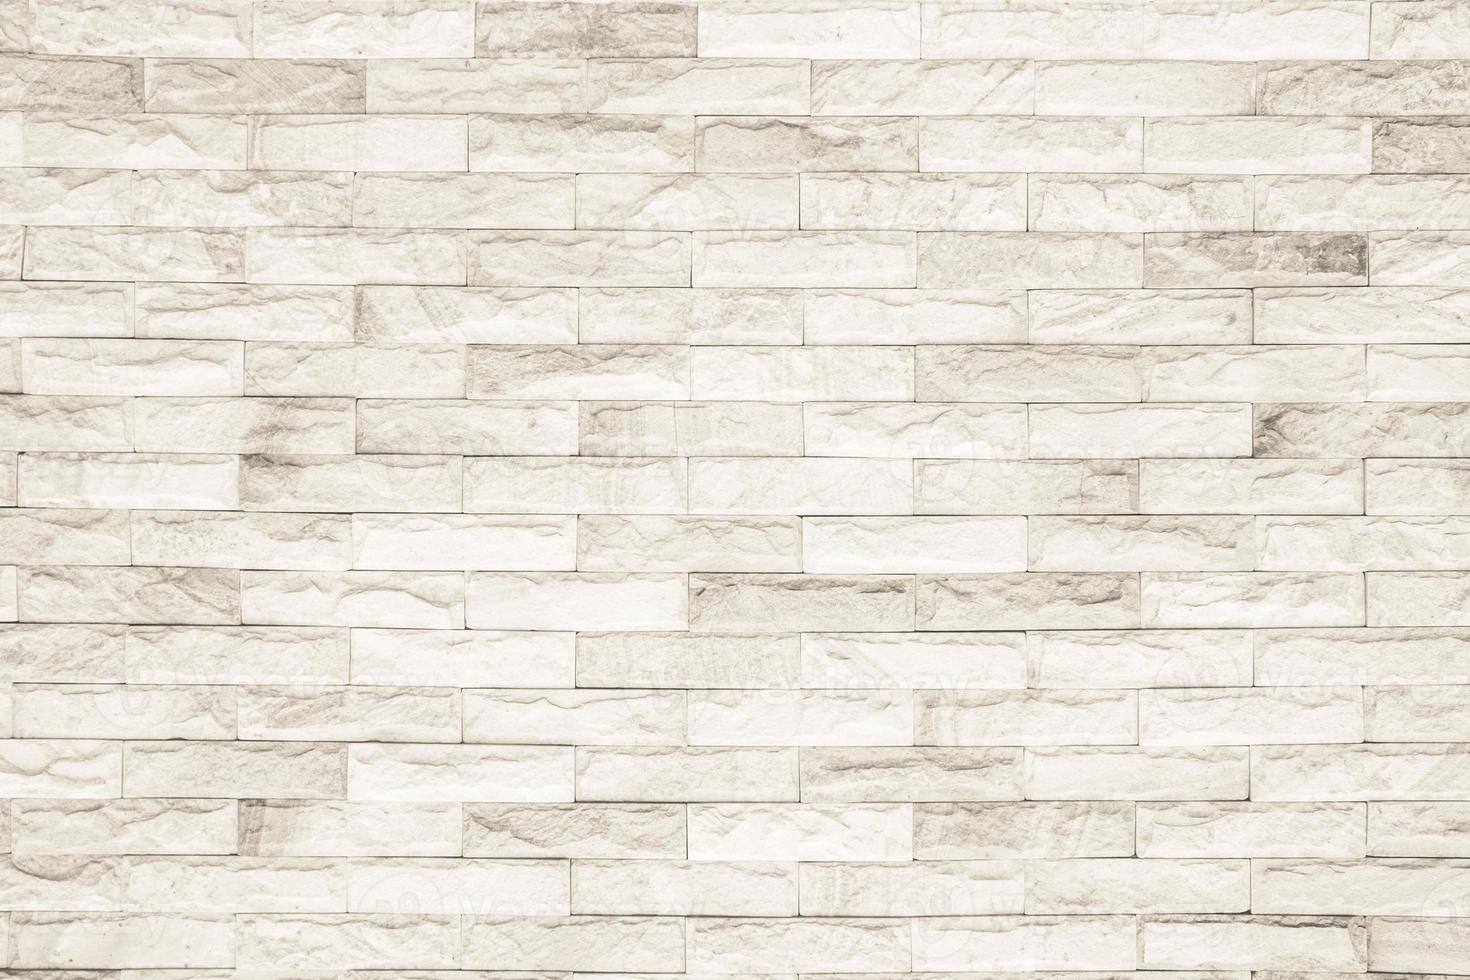 Fondo de textura de pared de ladrillo blanco y negro foto